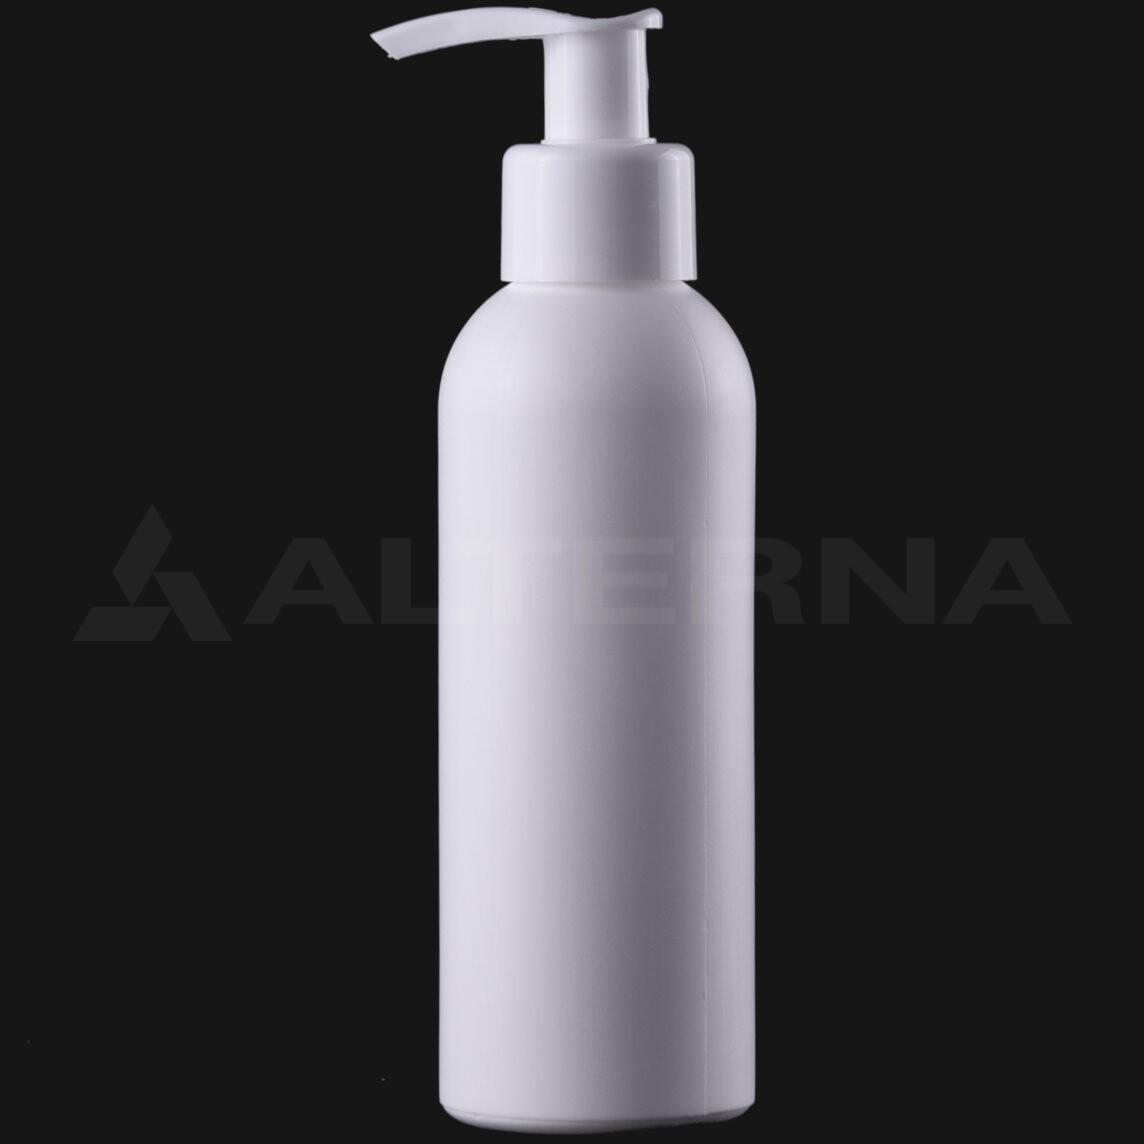 150 ml HDPE Bottle with 24 mm Pump Dispenser